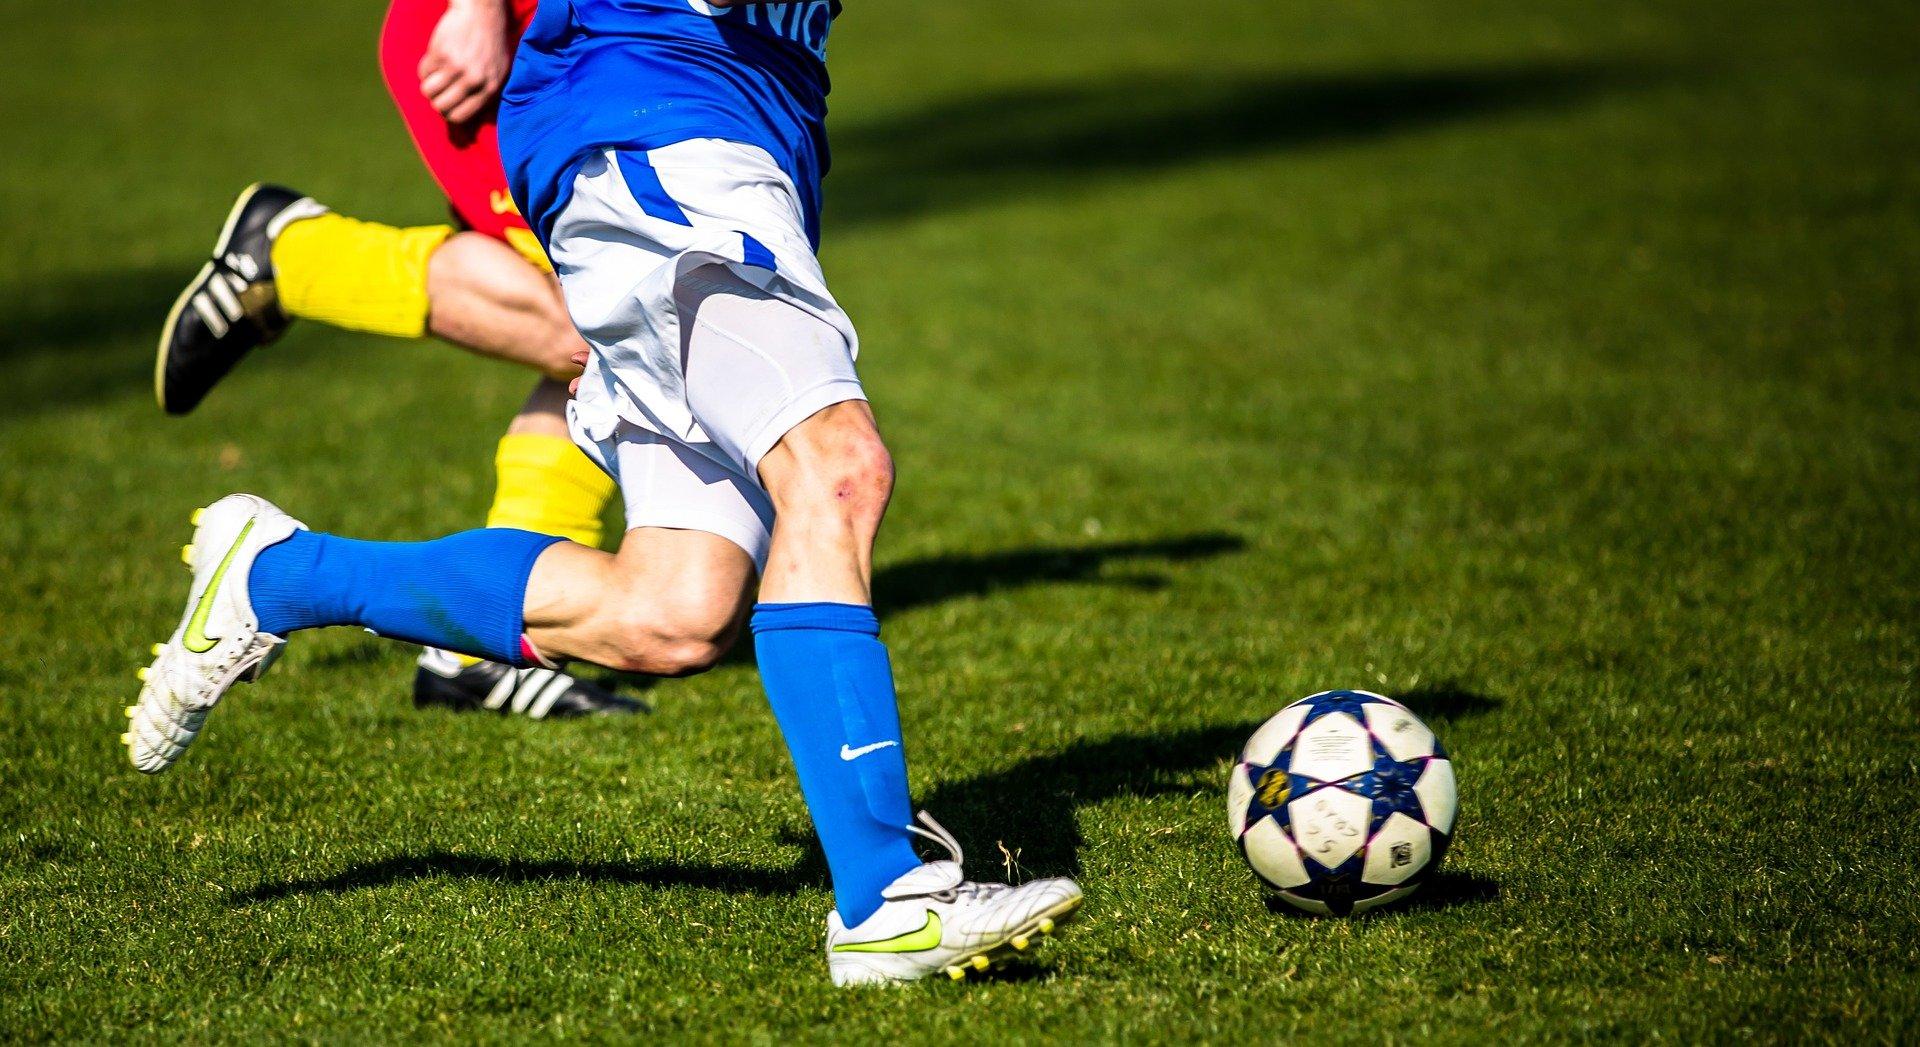 Beine von Fußballspielern